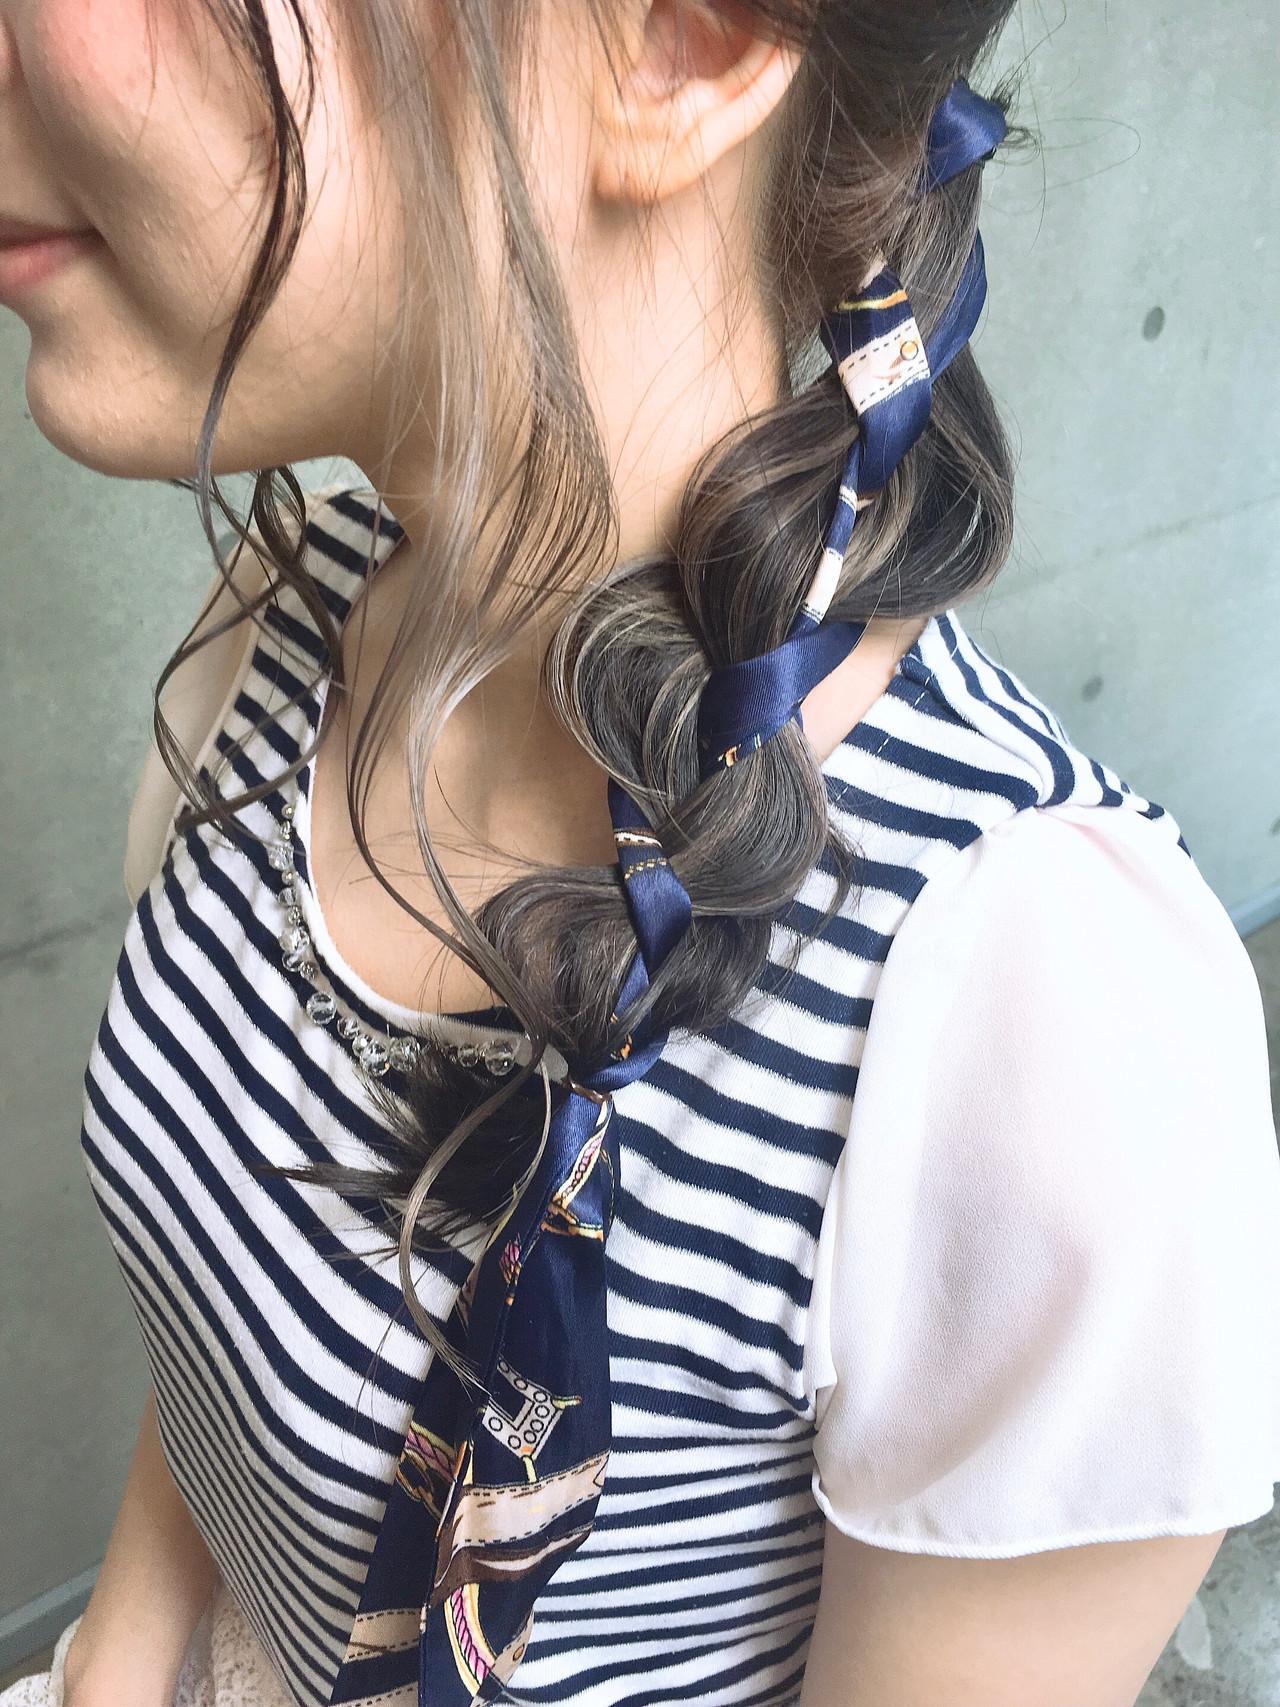 スカーフアレンジ ガーリー 簡単ヘアアレンジ インナーカラー ヘアスタイルや髪型の写真・画像